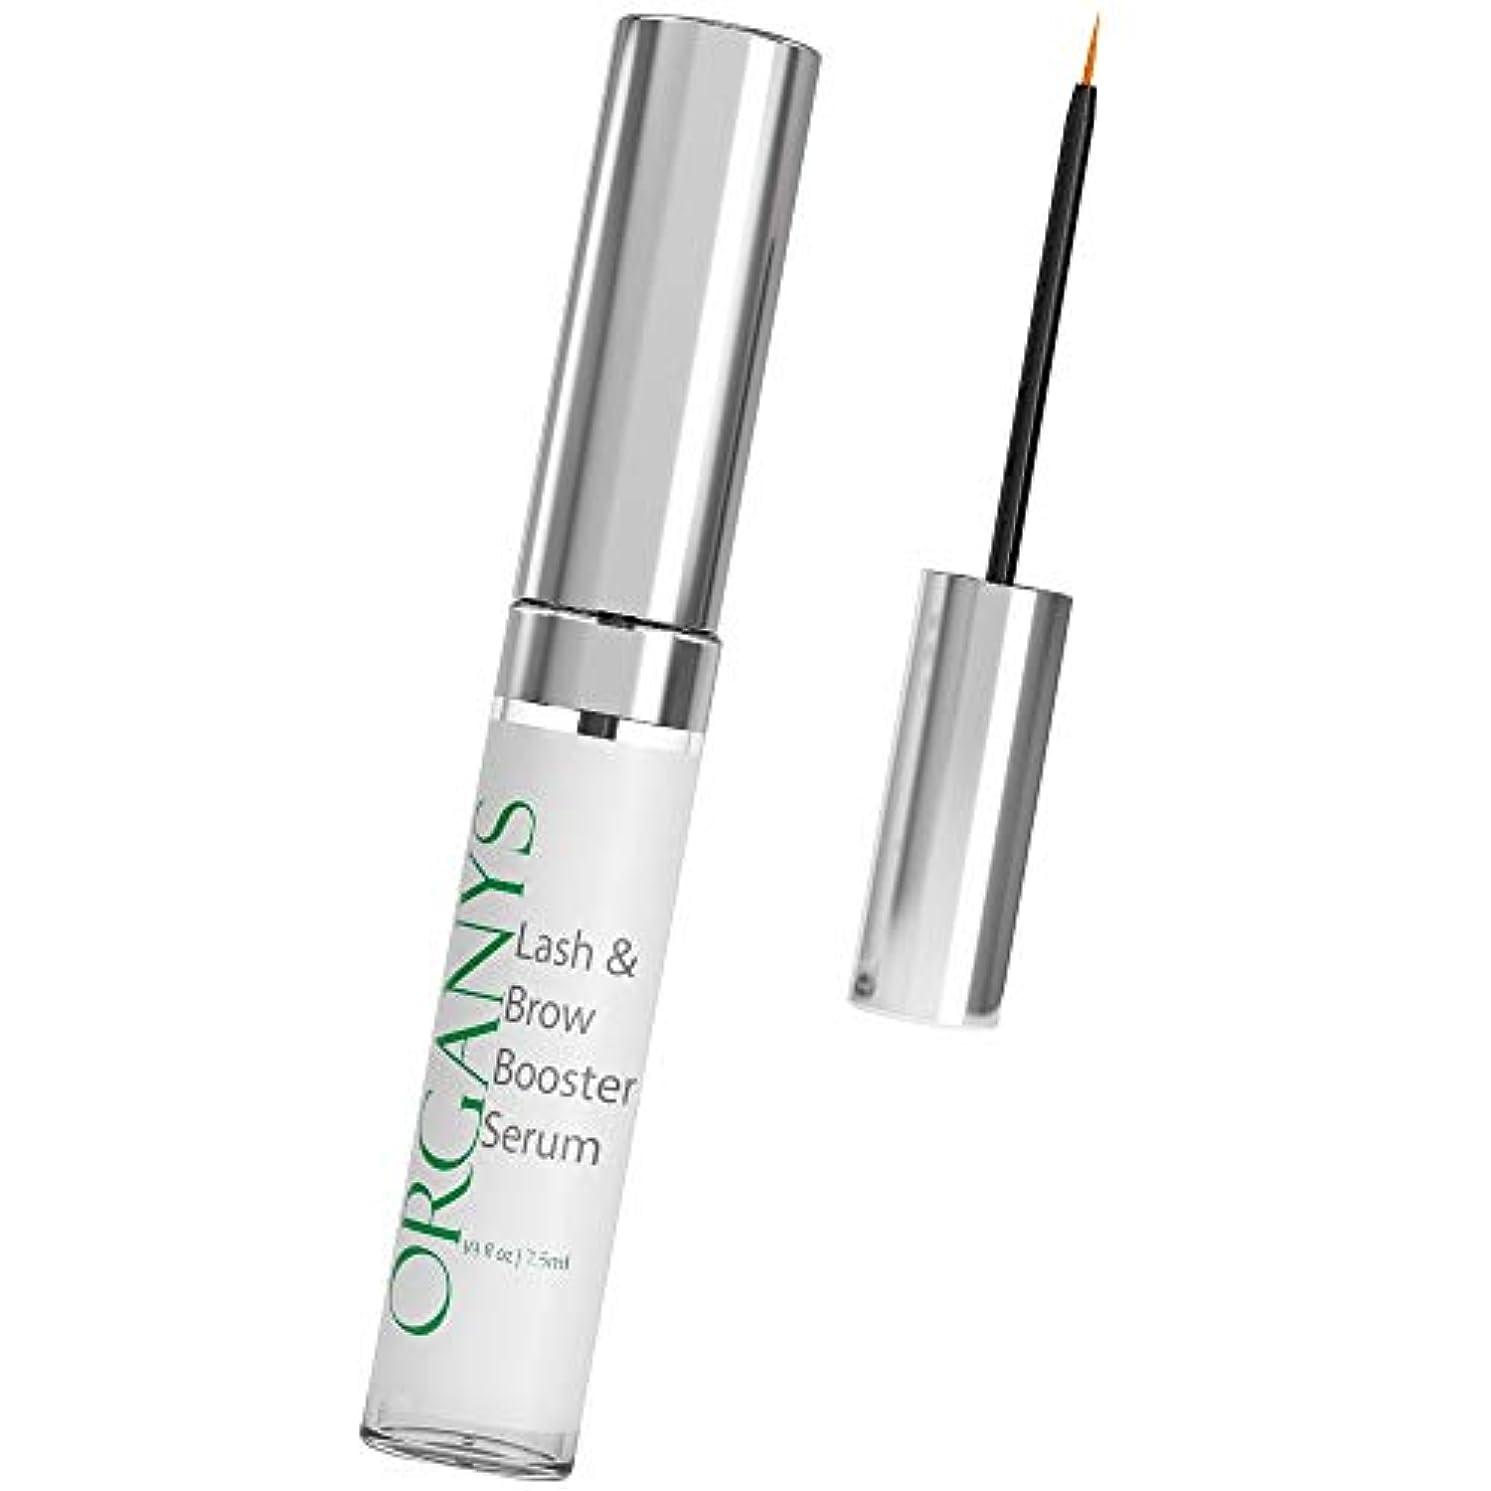 実質的にスキニー乱すOrganyc Eyelash & Eyebrow Growth Serum (High Potency) Grows Longer, Fuller, Thicker Lashes & Brows in 60 days!...